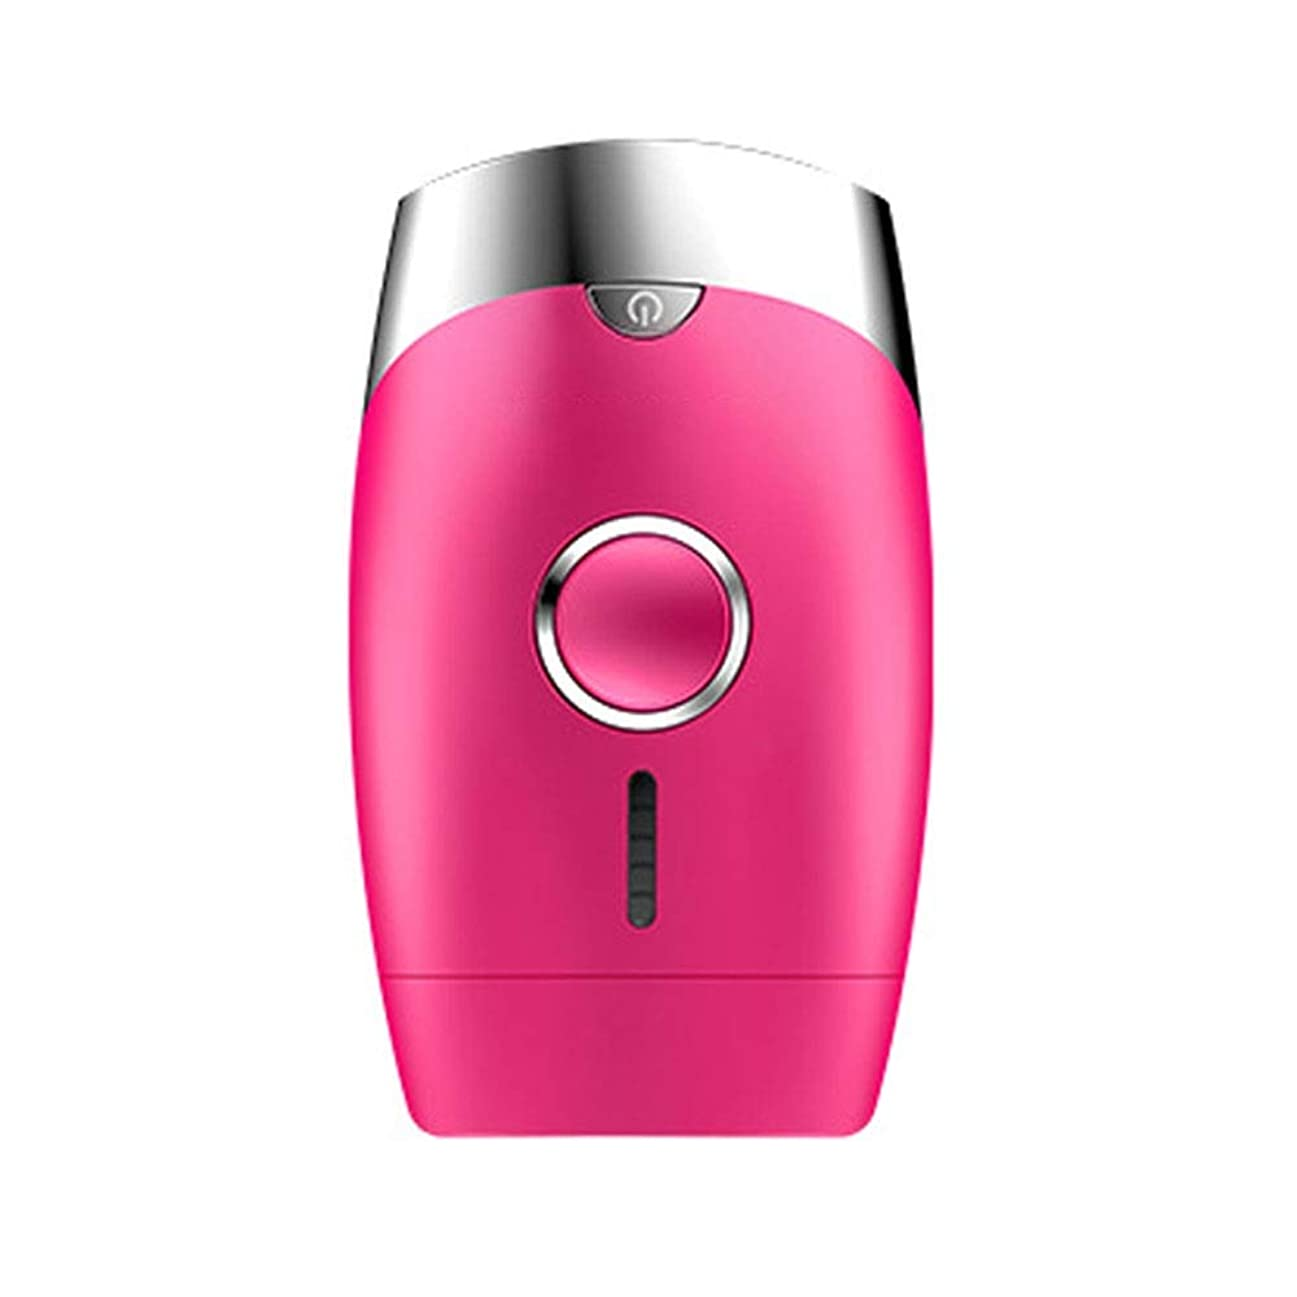 エミュレートする人に関する限り悪質なダパイ ピンク、5スピード調整、インテリジェント家庭用痛みのない凝固点ヘアリムーバー、シングルフラッシュ/連続フラッシュ、サイズ13.9 X 8.3 X 4.8 Cm U546 (Color : Pink)